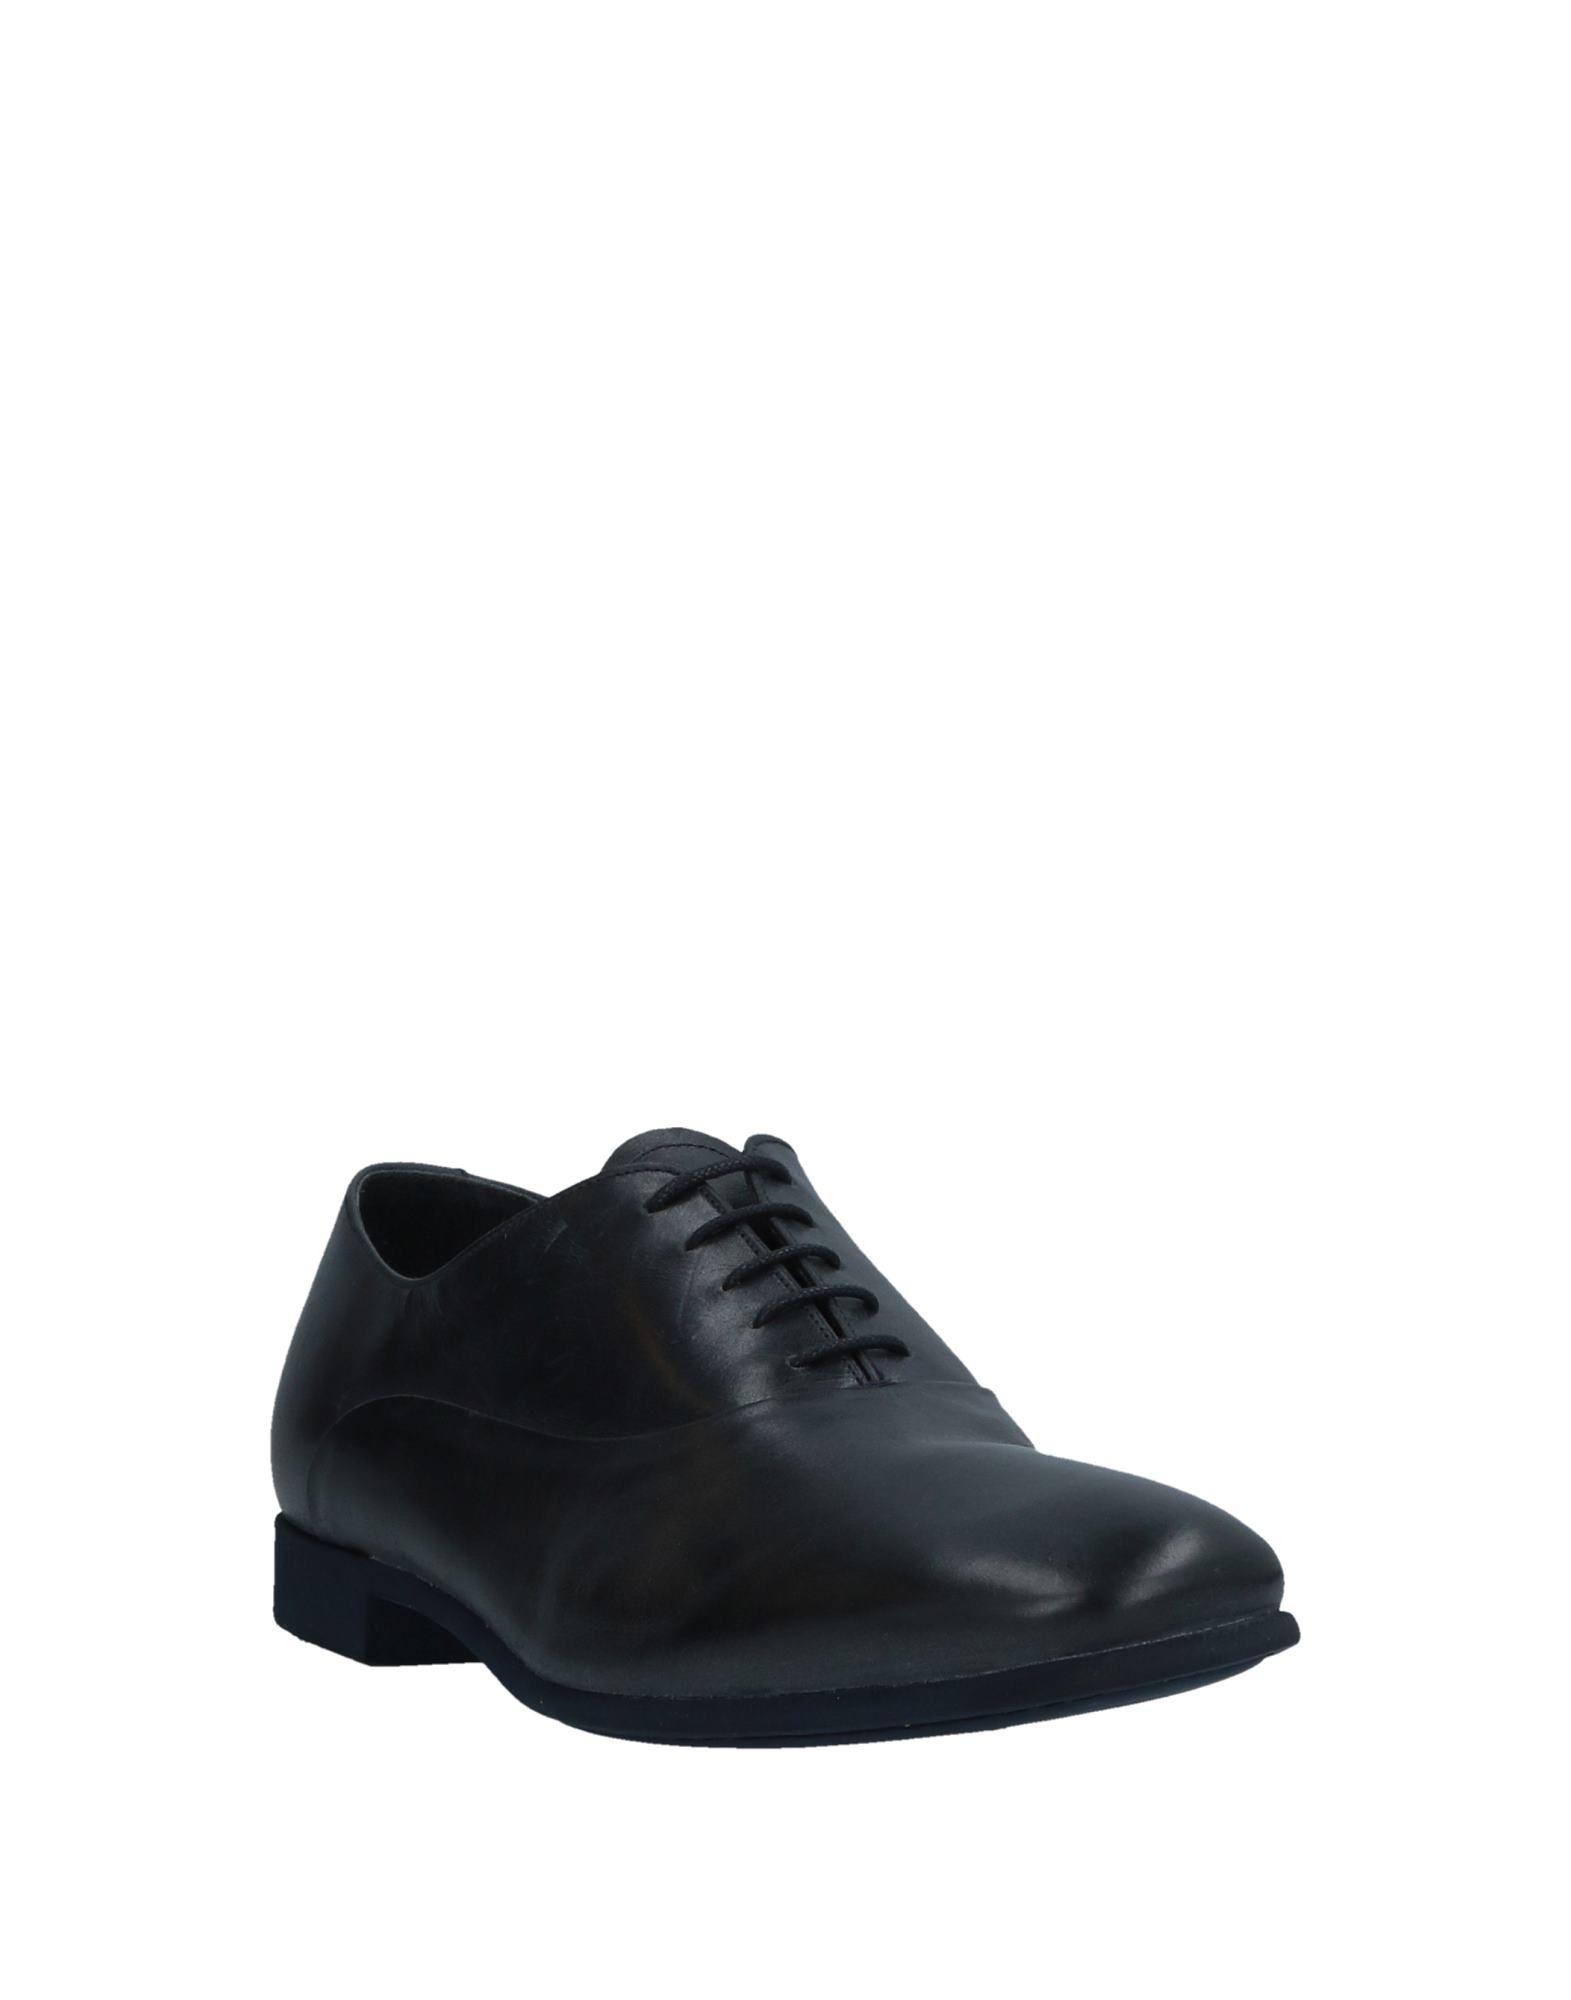 Premiata Schnürschuhe Herren  11528785GX Gute Qualität beliebte Schuhe